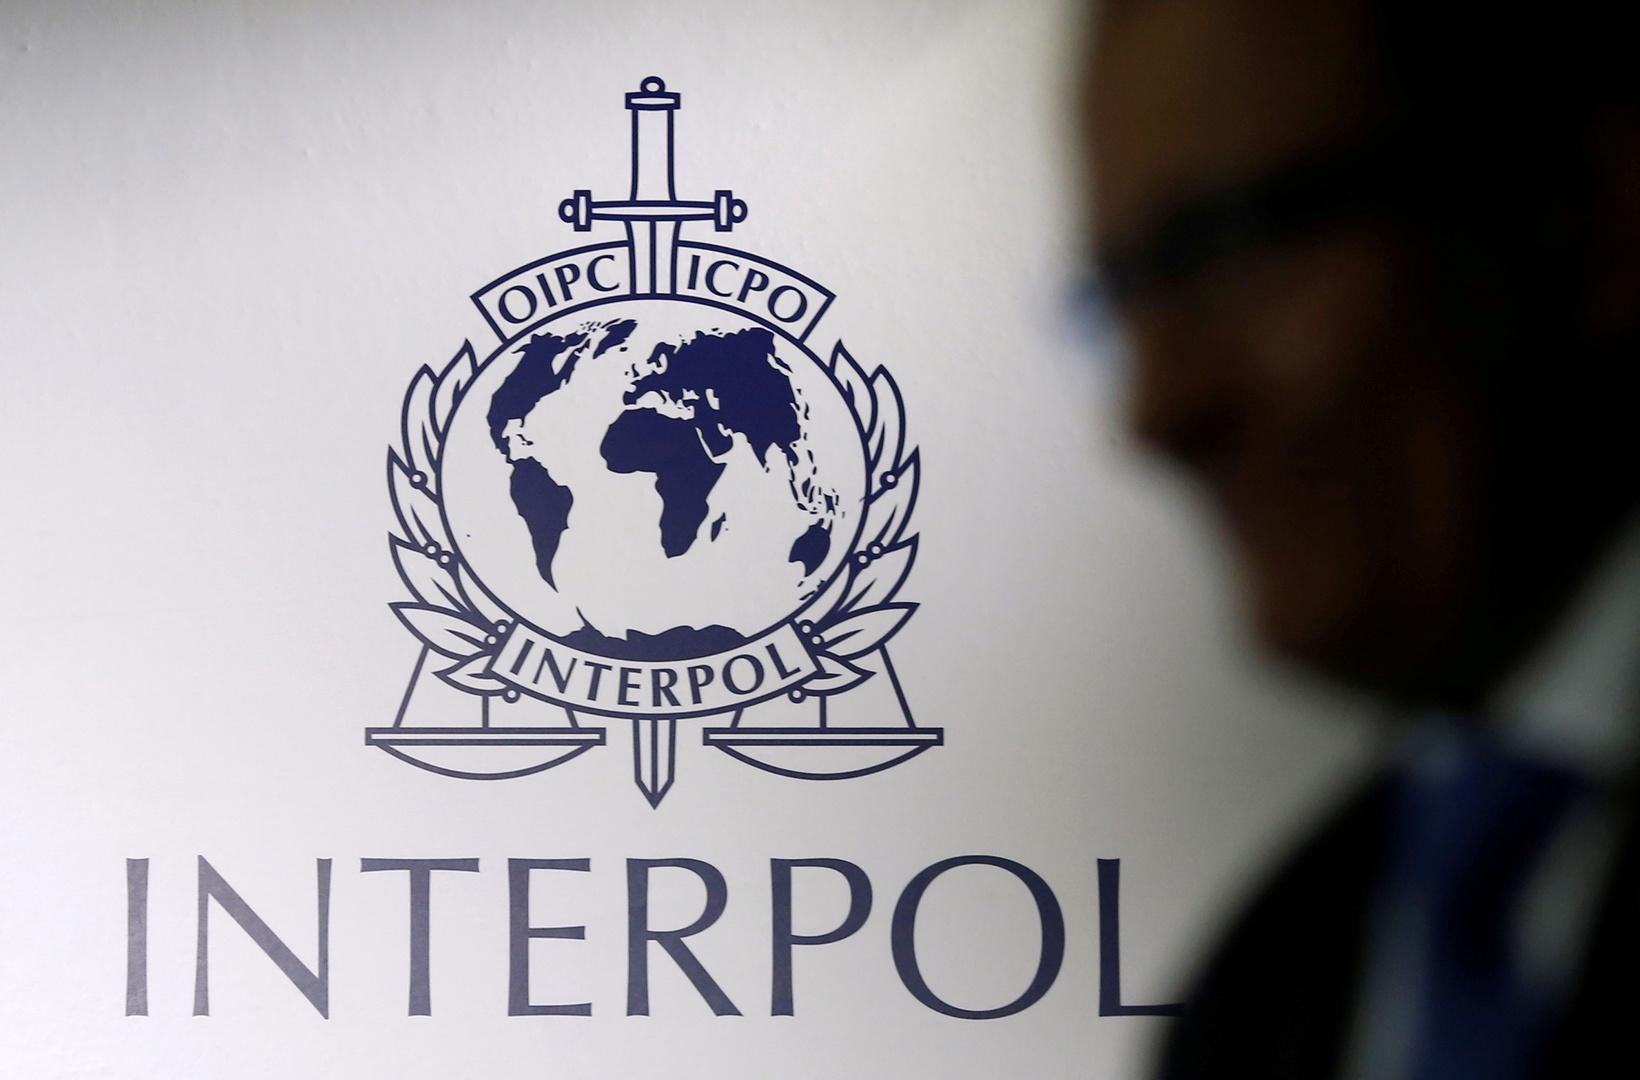 شعار الانتربول الدولي